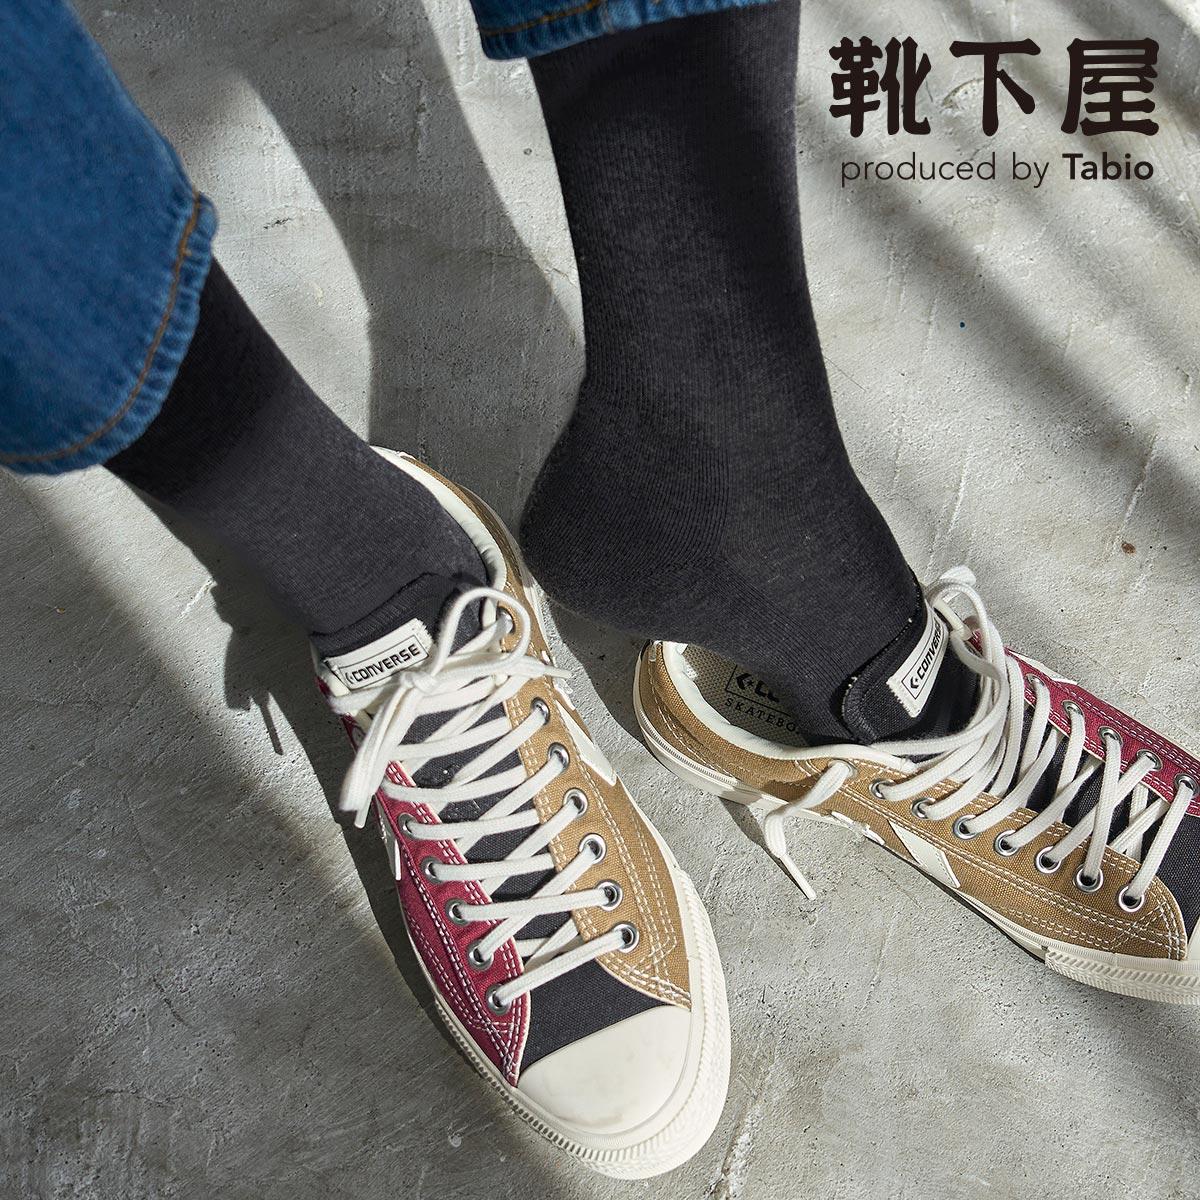 Tabio MEN メンズ オールラウンダーソックス 靴下屋 日本製 タビオ あす楽 靴下 送料0円 くつ下 オンライン限定商品